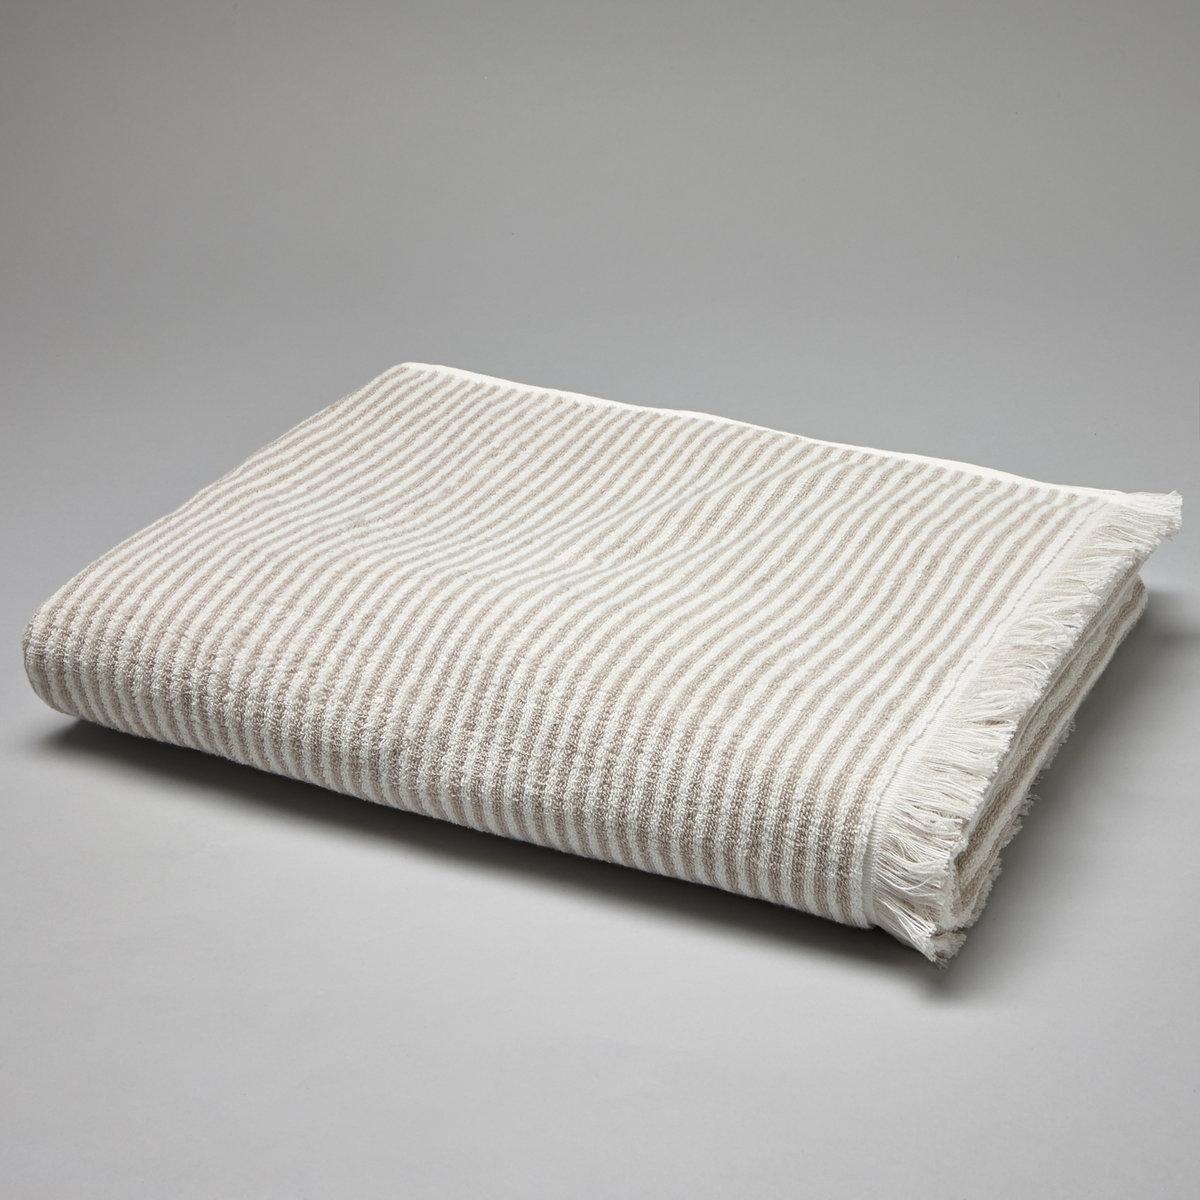 Полотенце банное большое в полоску из махровой ткани HARMONY